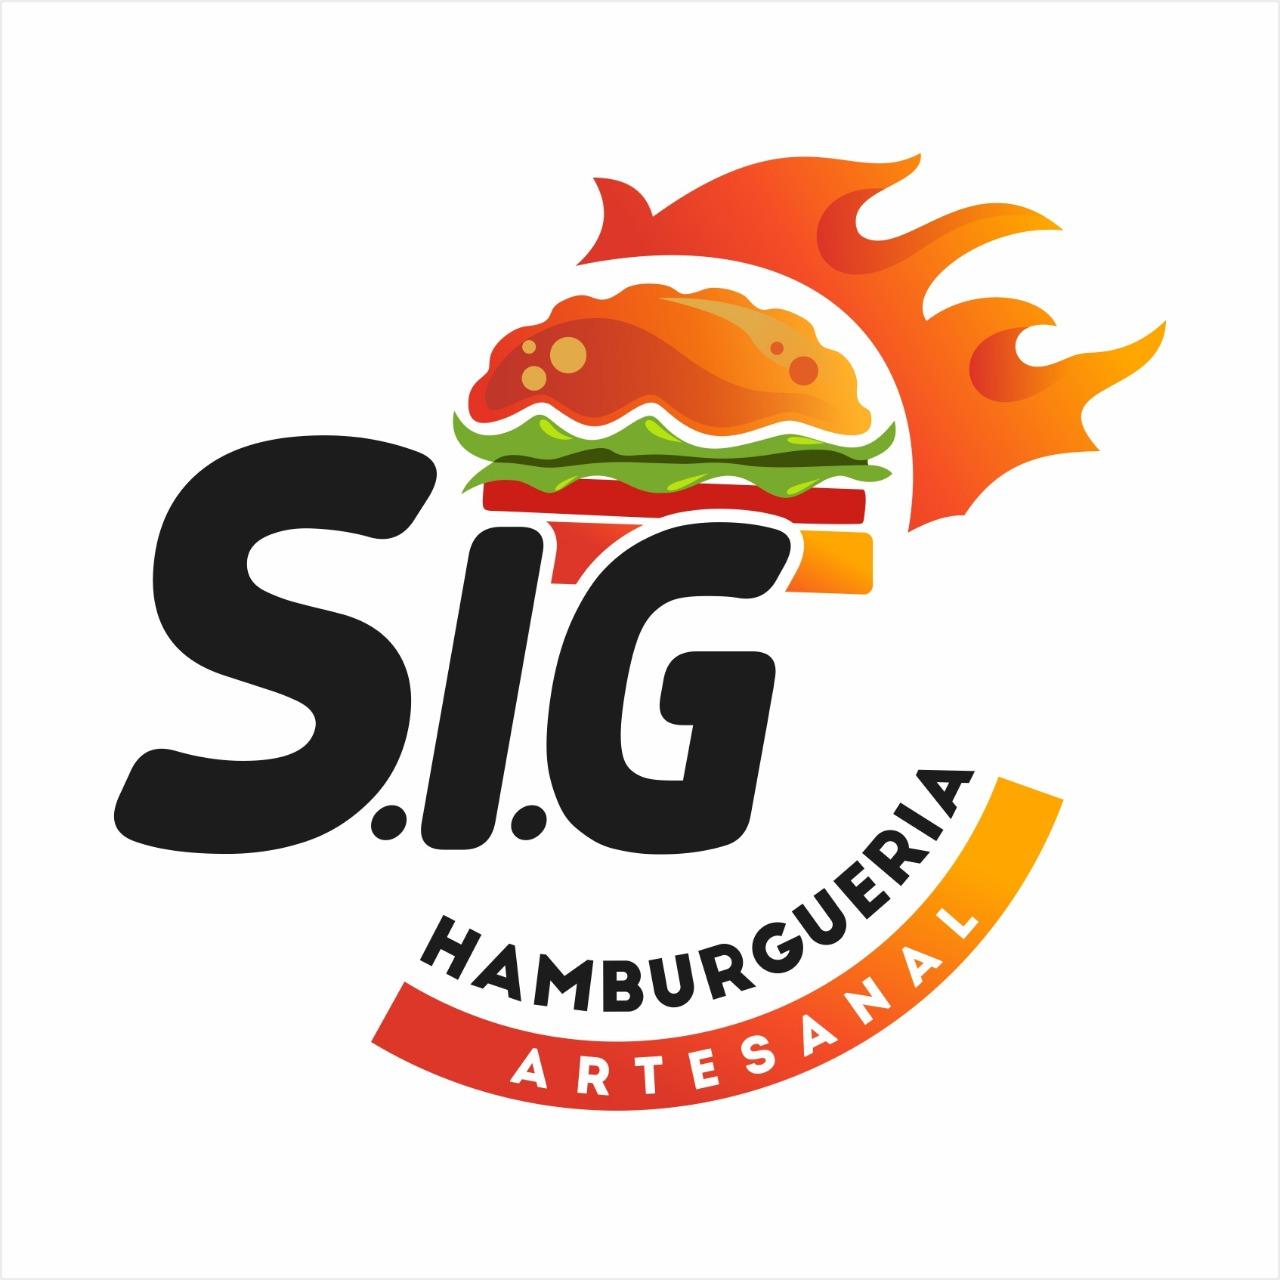 SIG Hamburgueria Artesanal